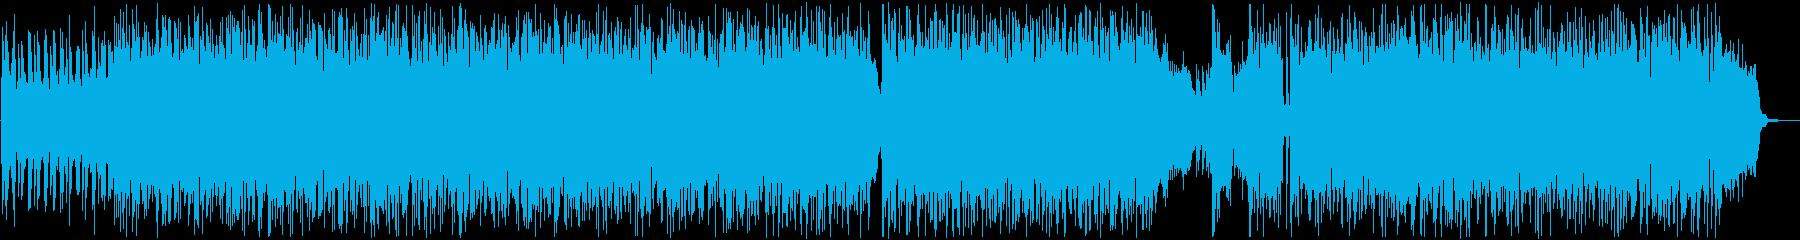 攻撃的なHR/HMの再生済みの波形